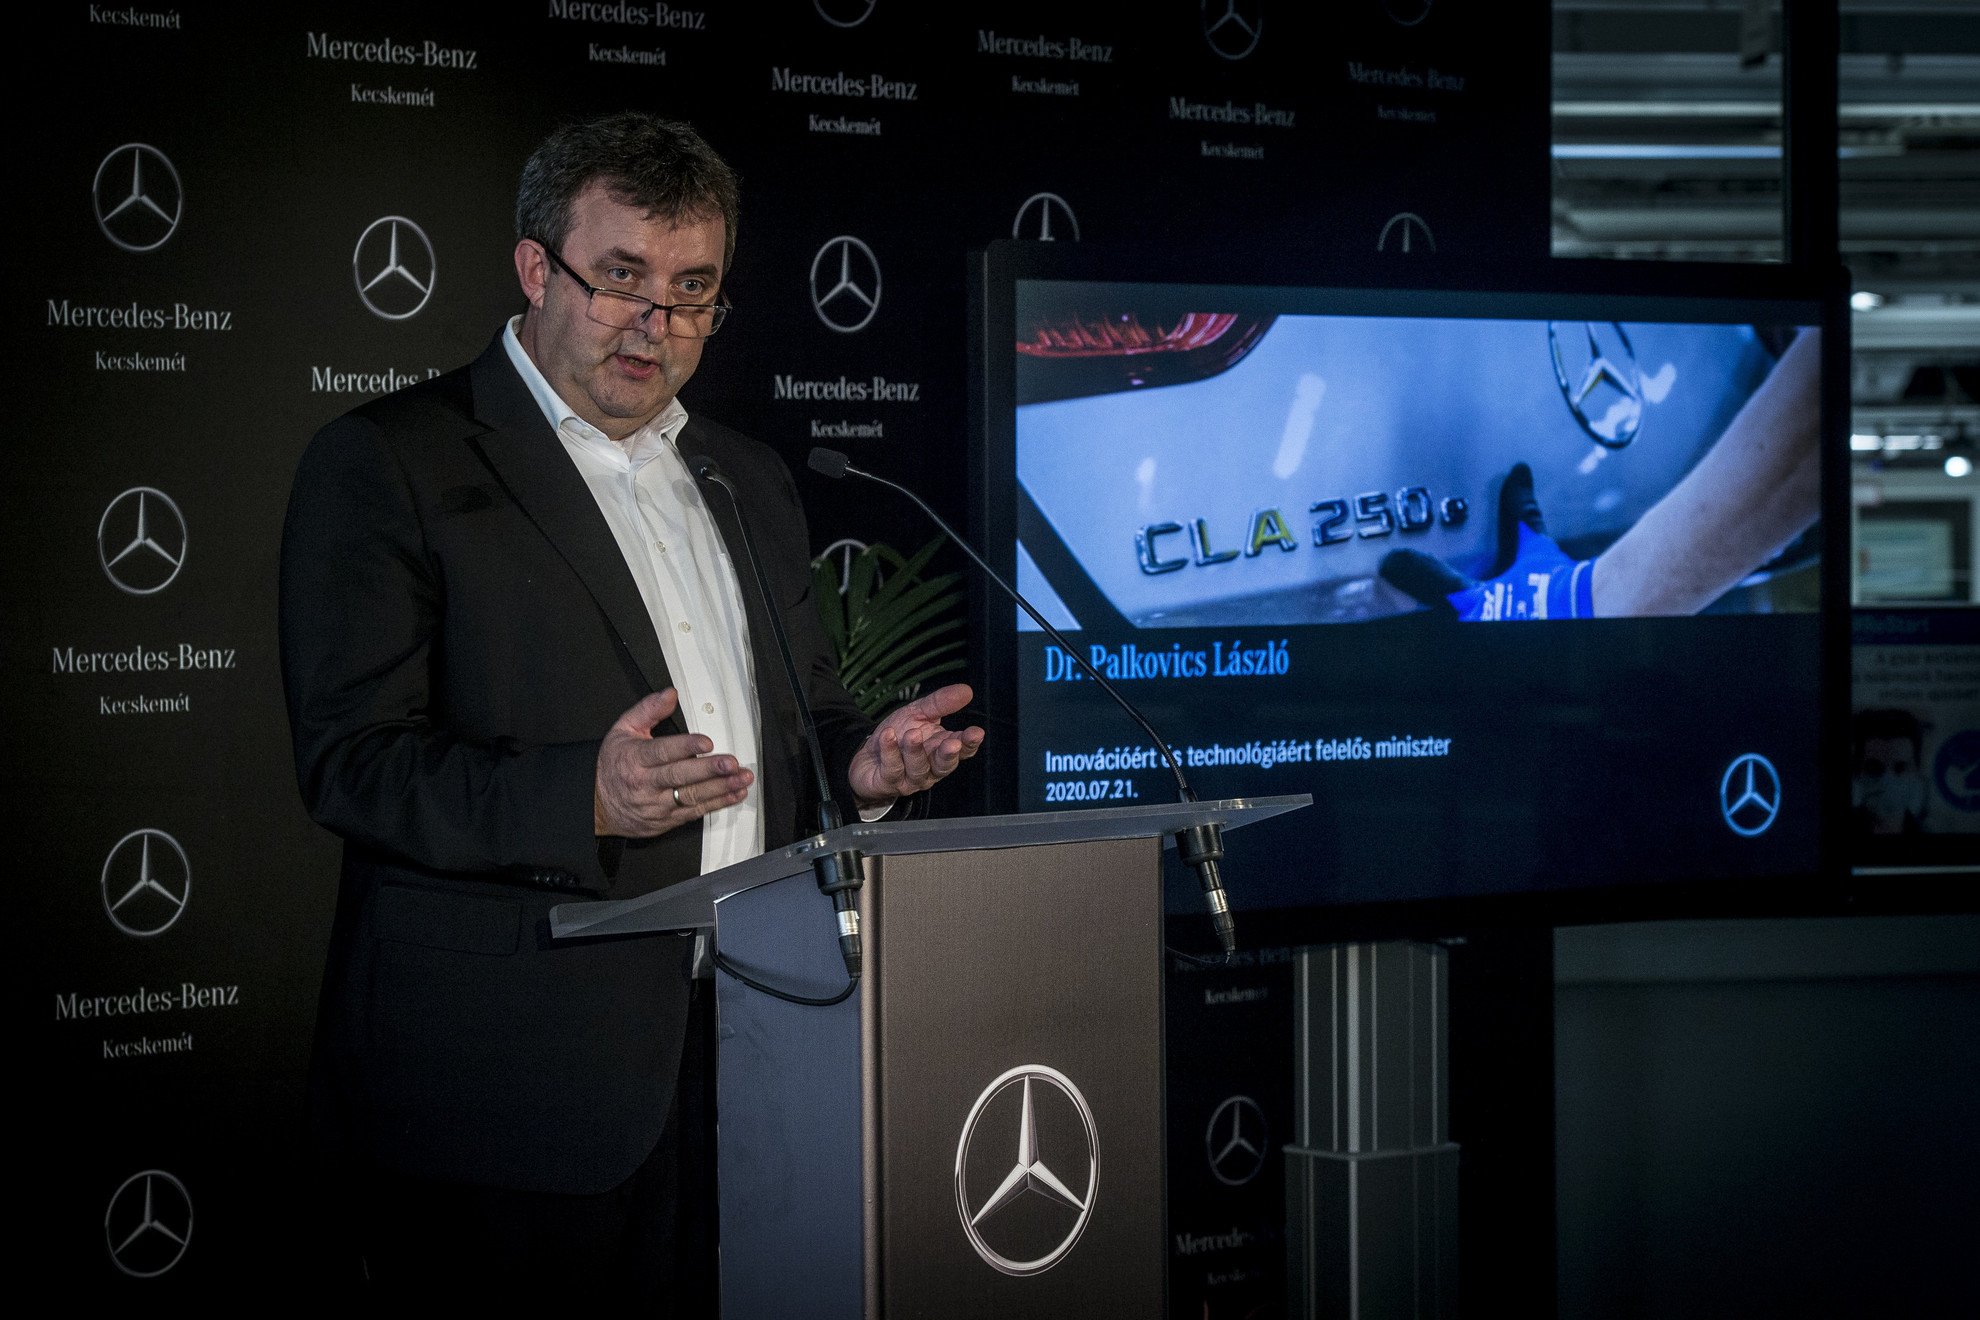 Palkovics László innovációs és technológiai miniszter beszédet mond a kecskeméti Mercedes-gyárban